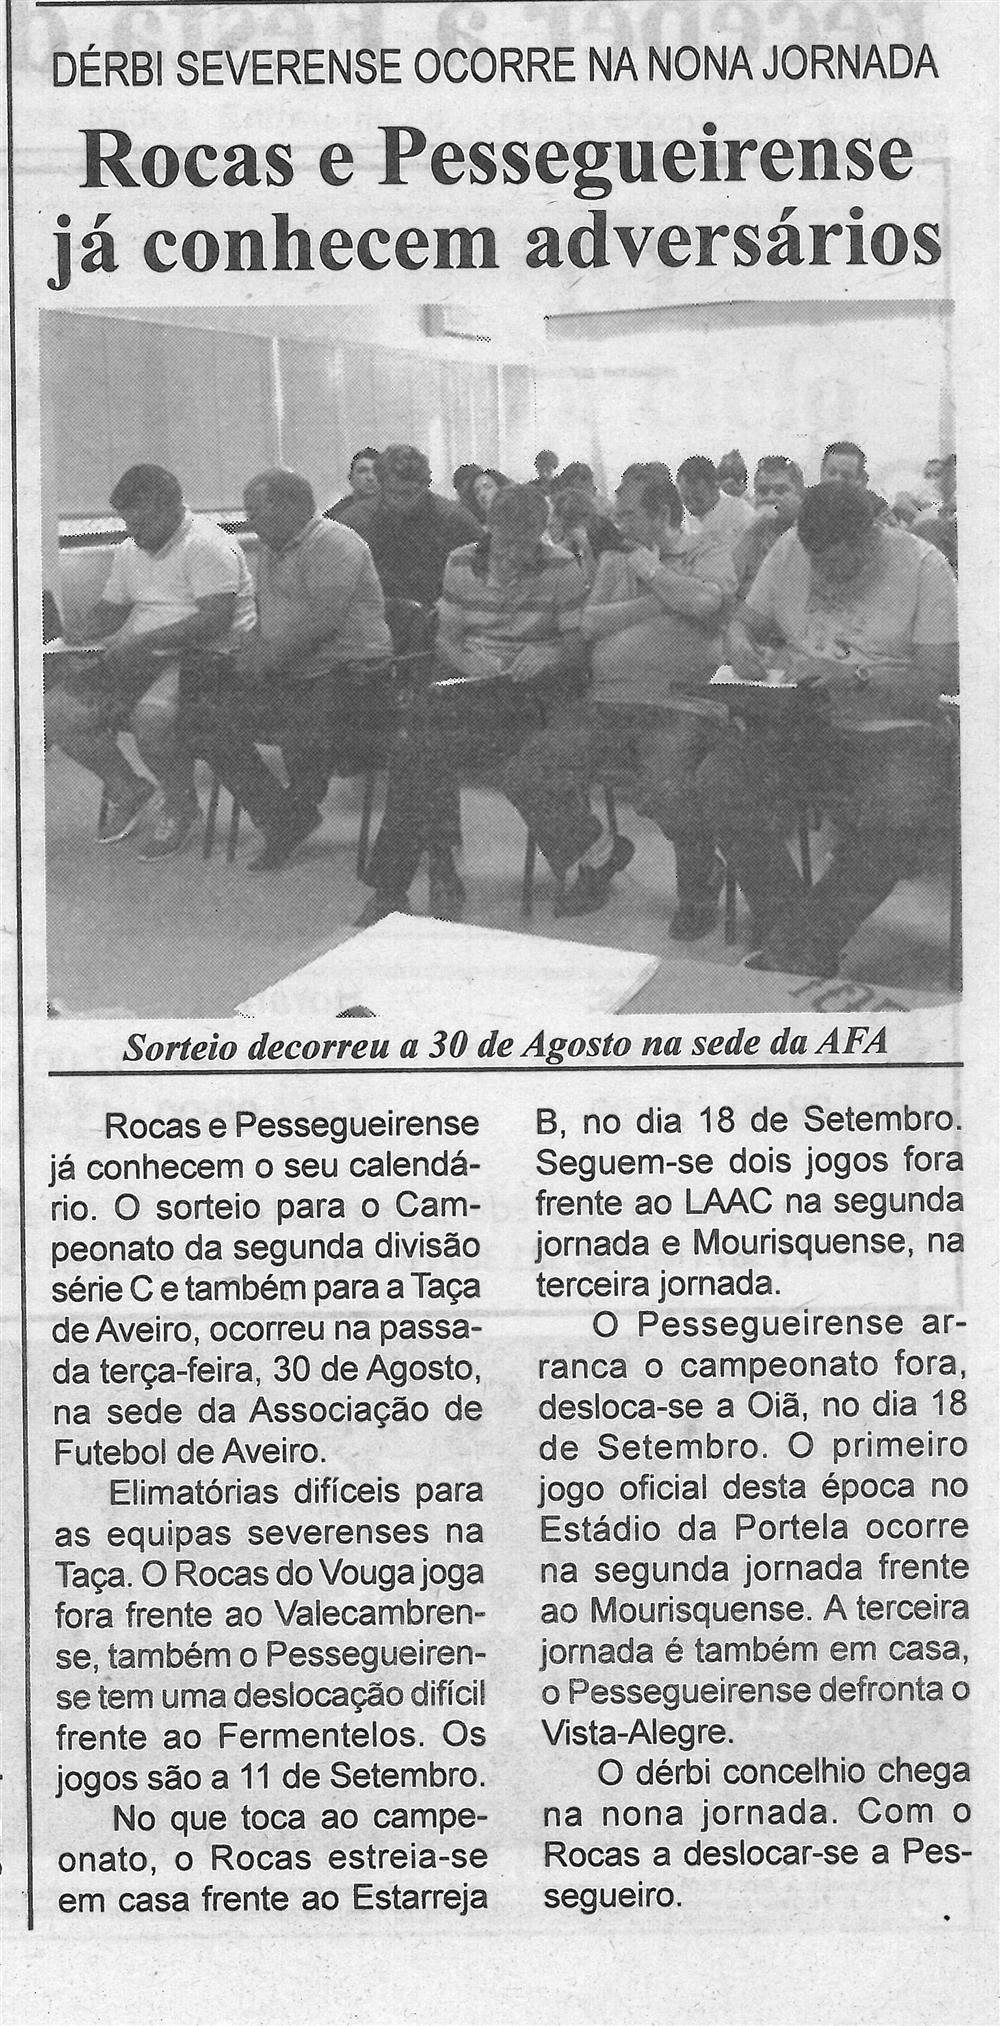 BV-1.ªset.'16-p.2-Rocas e Pessegueirense já conhecem adversários : dérbi severense ocorre na nona jornada : sorteio decorreu a 30 de agosto na sede da AFA.jpg